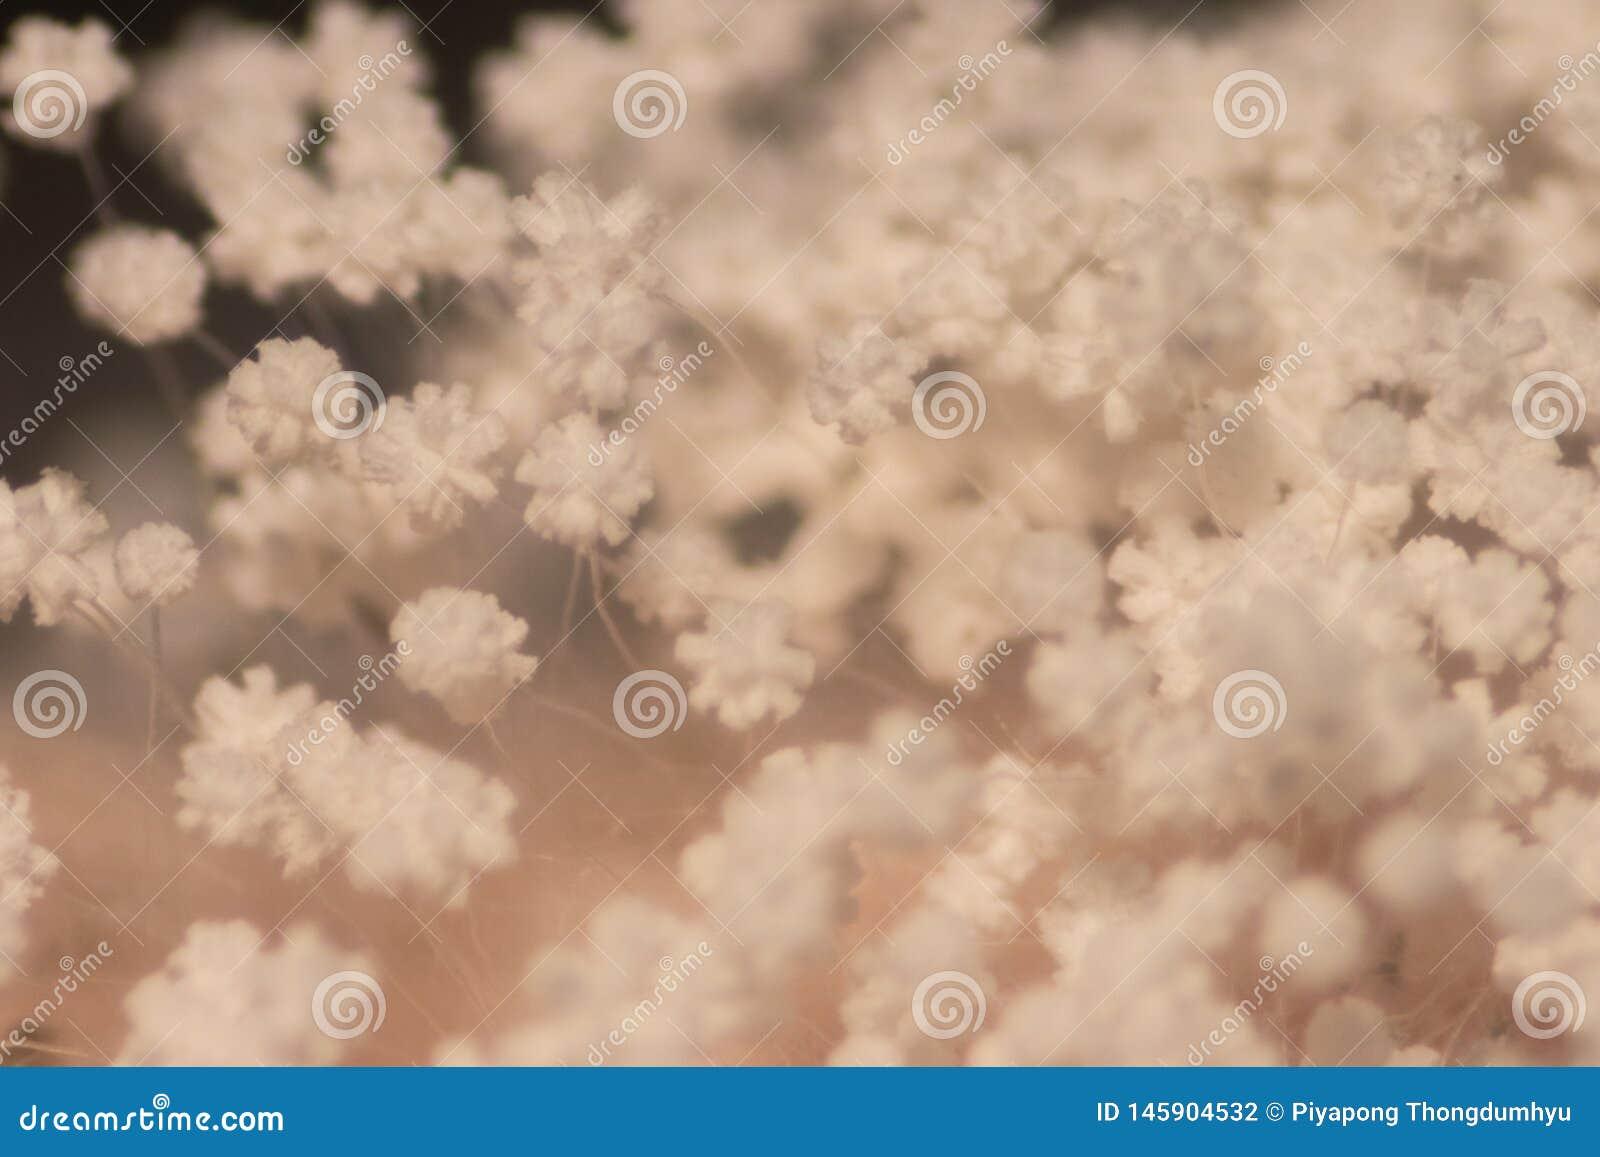 Caract?ristiques de colonie de moule sous le microscope